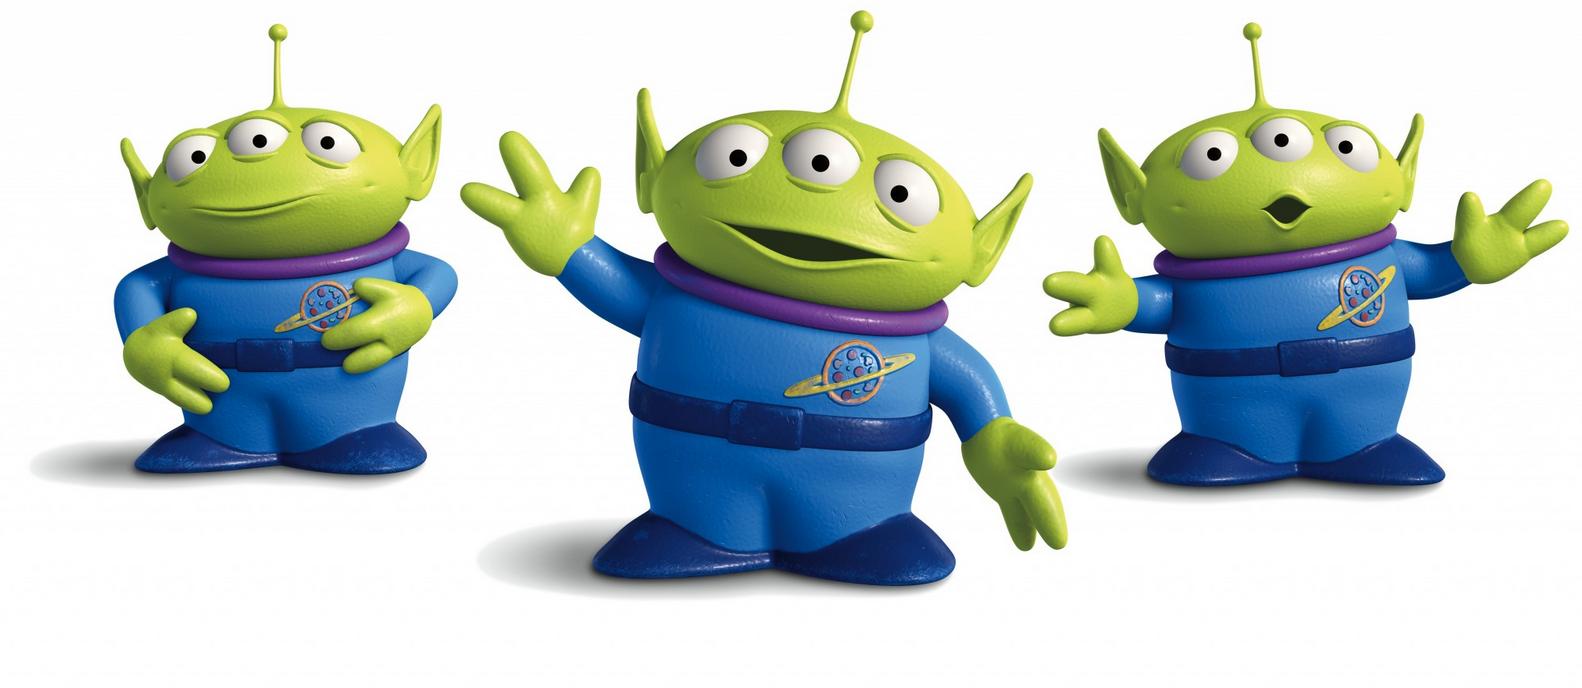 Little Green Men | Disney Wiki | FANDOM powered by Wikia